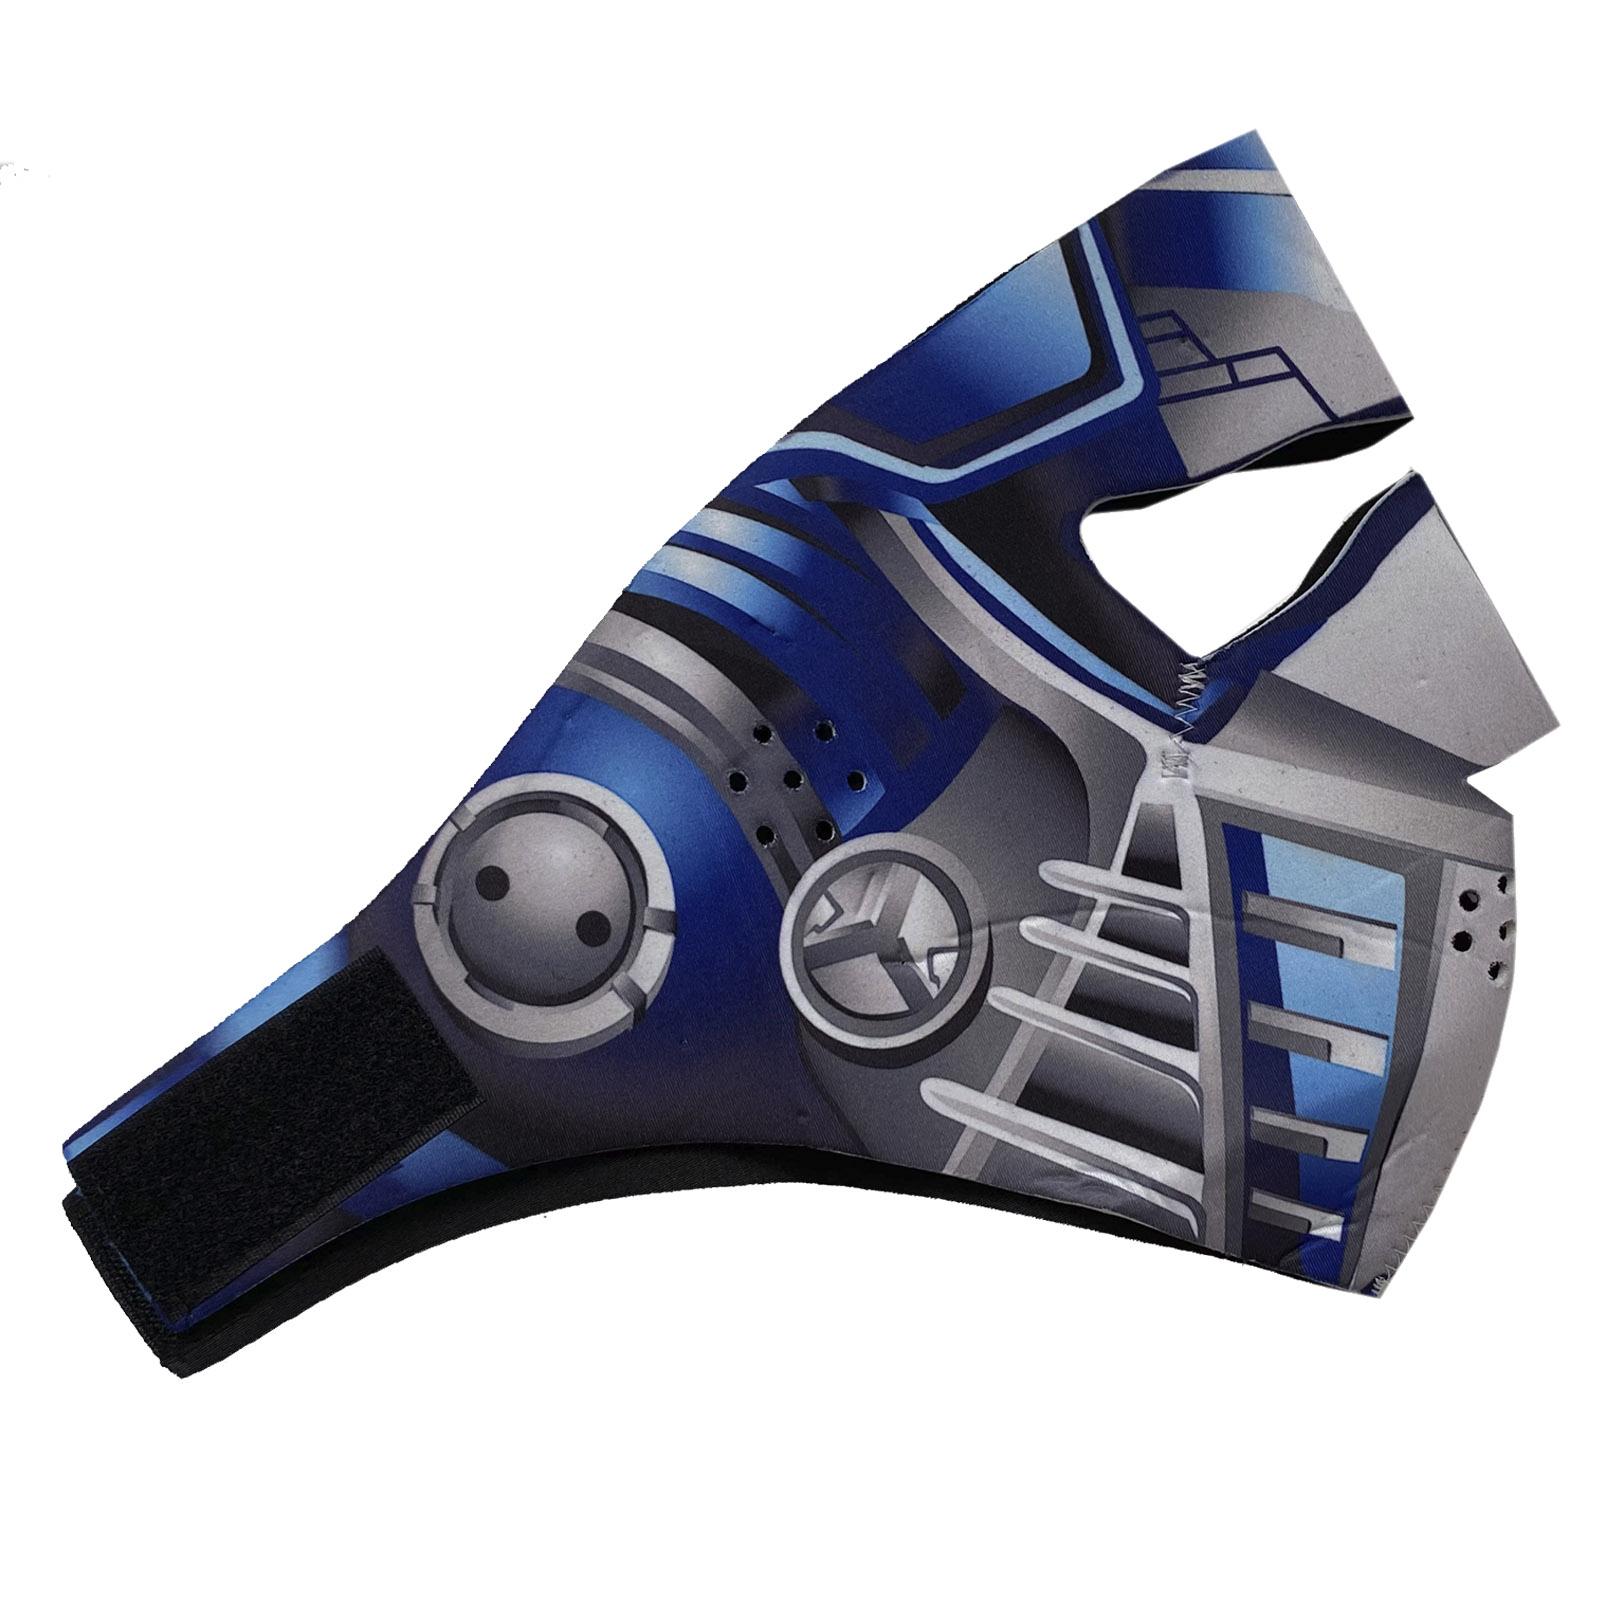 Неопреновая полнолицевая маска с защитой от ковида Wild Wear Cyber Predator